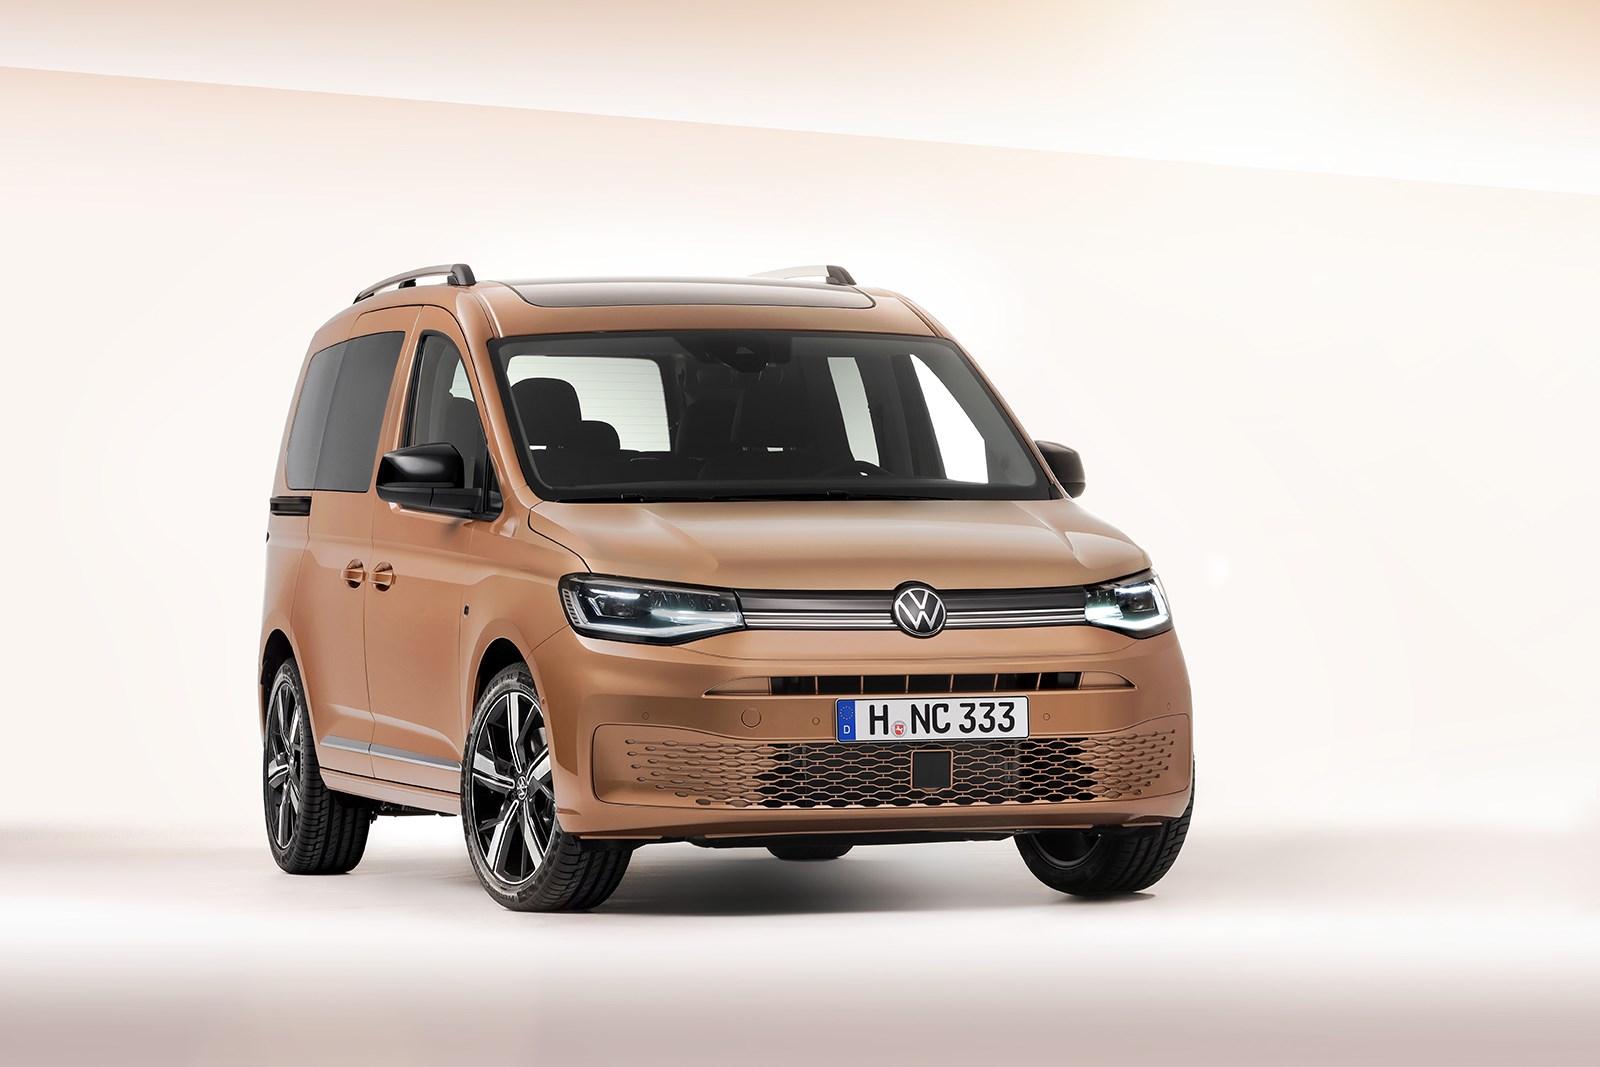 フォルクスワーゲン、商用から日常・趣味用途まで幅広く使える多目的車…新型キャディをワールドプレミア